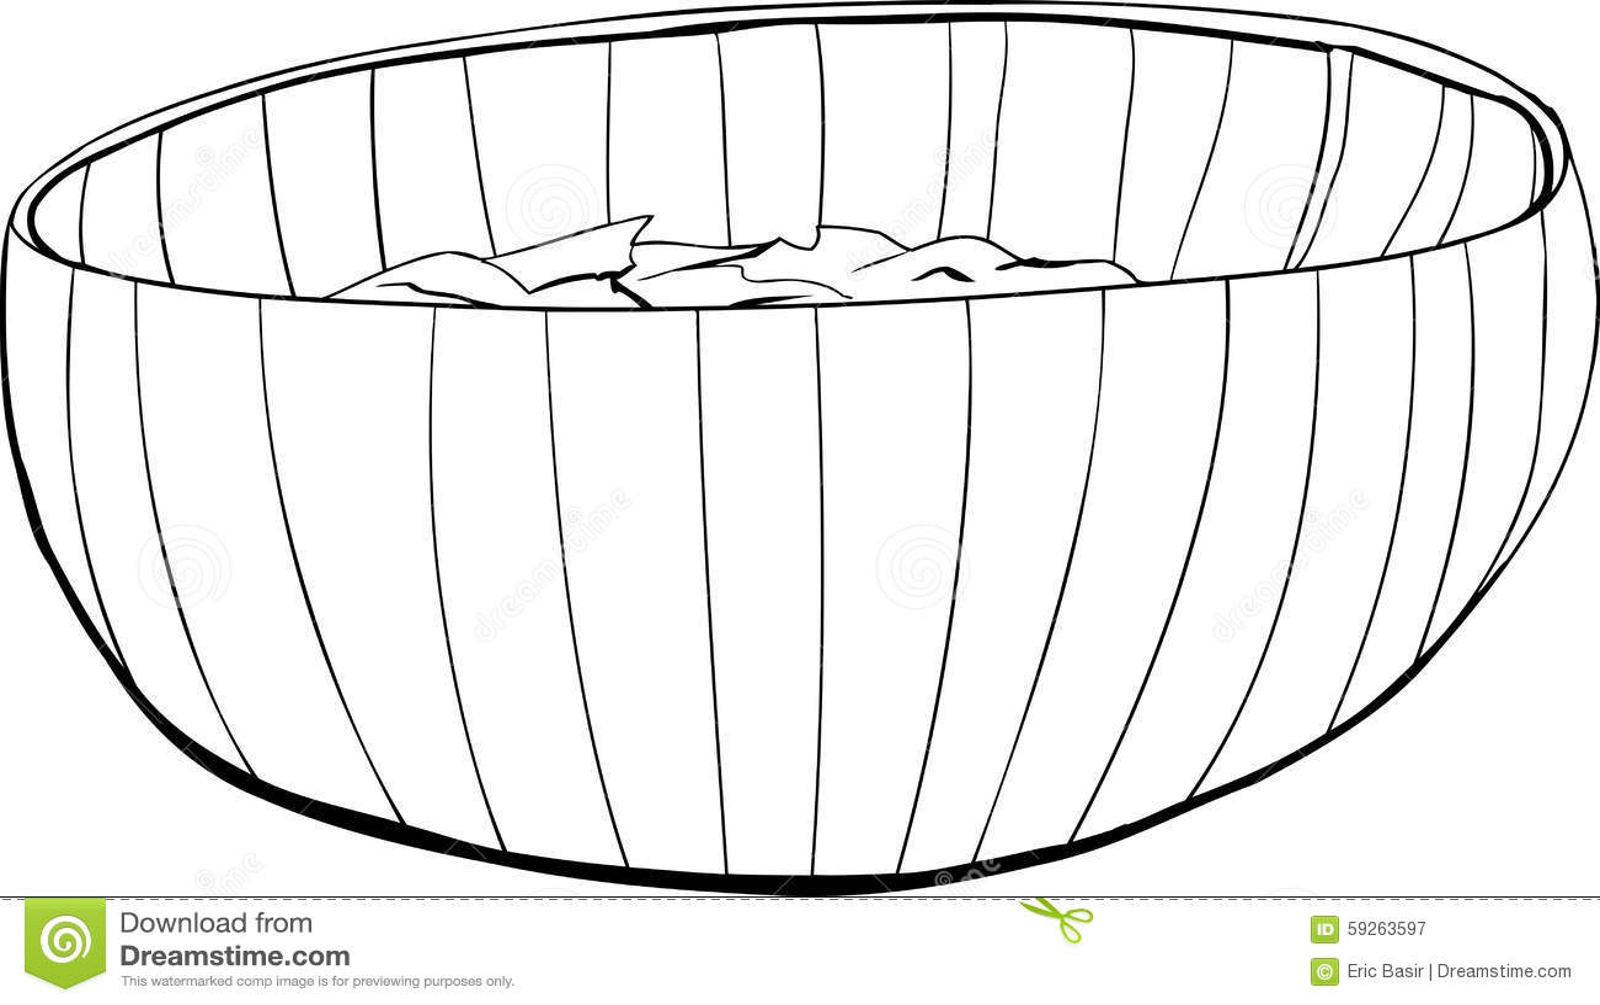 Bambusschussel Mit Salat Entwurf Stock Abbildung Illustration Von